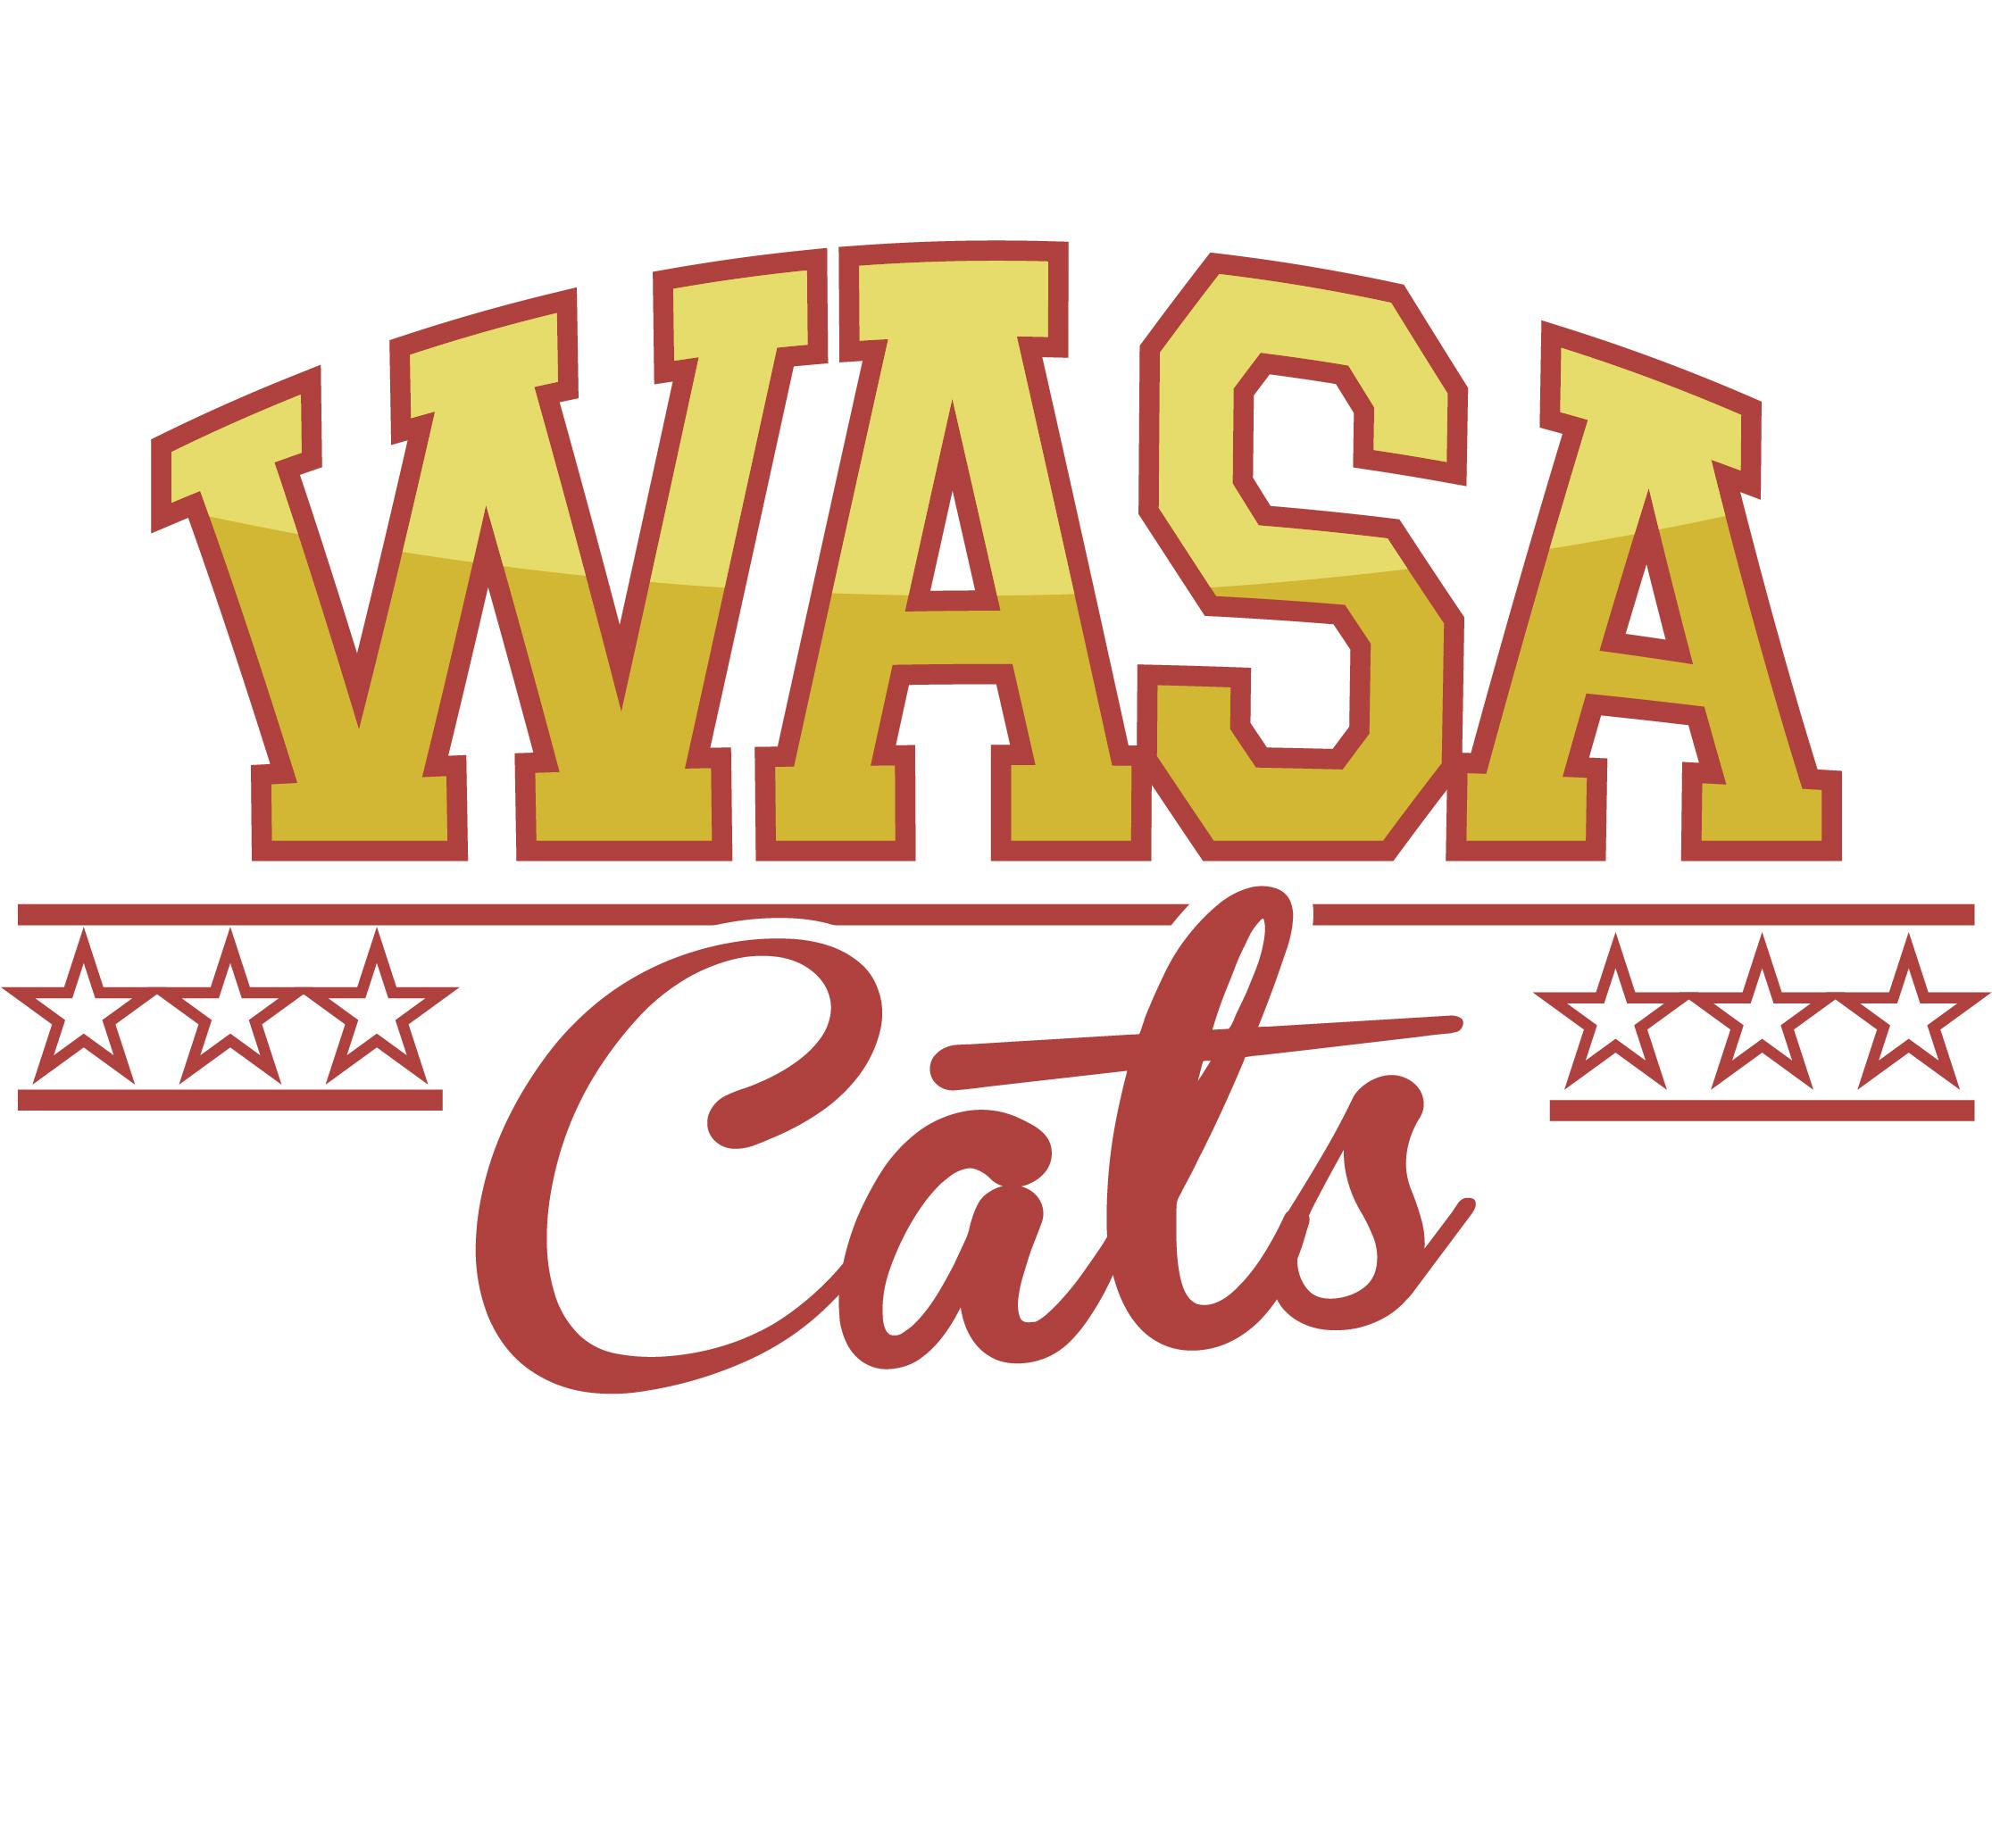 Wasa Catsien logo